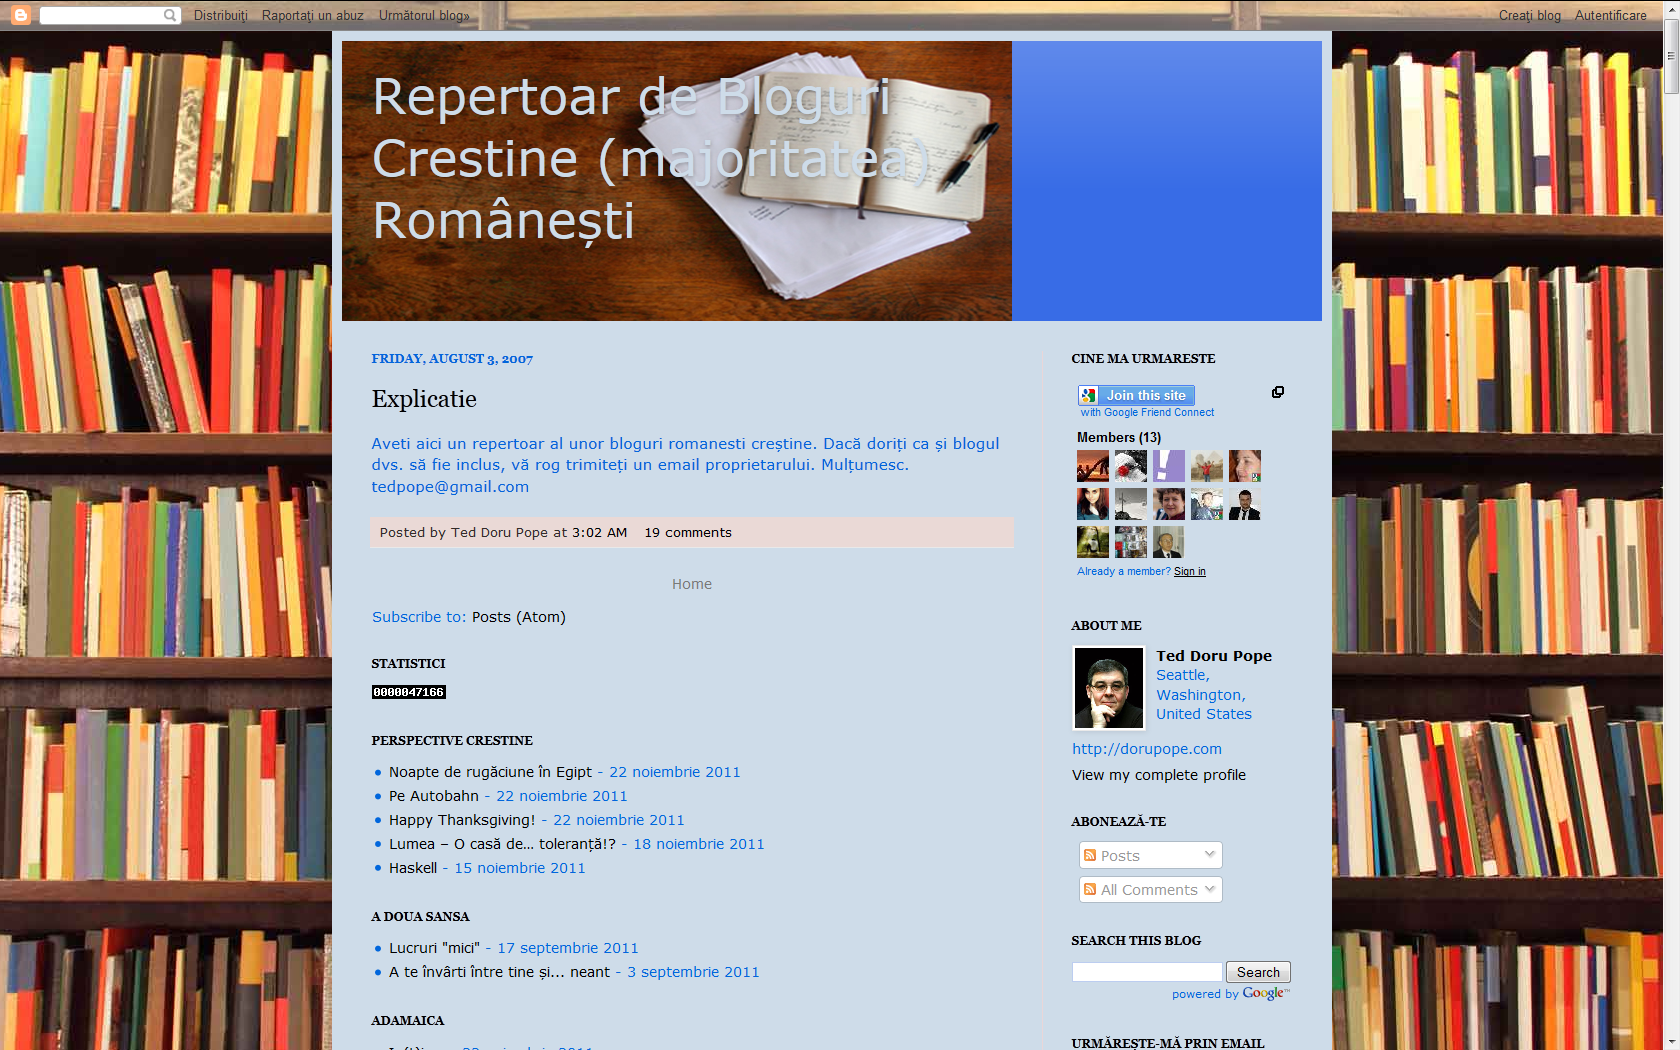 VIZITEAZĂ REPERTOARUL DE BLOGURI CRESTINE ROMANESTI